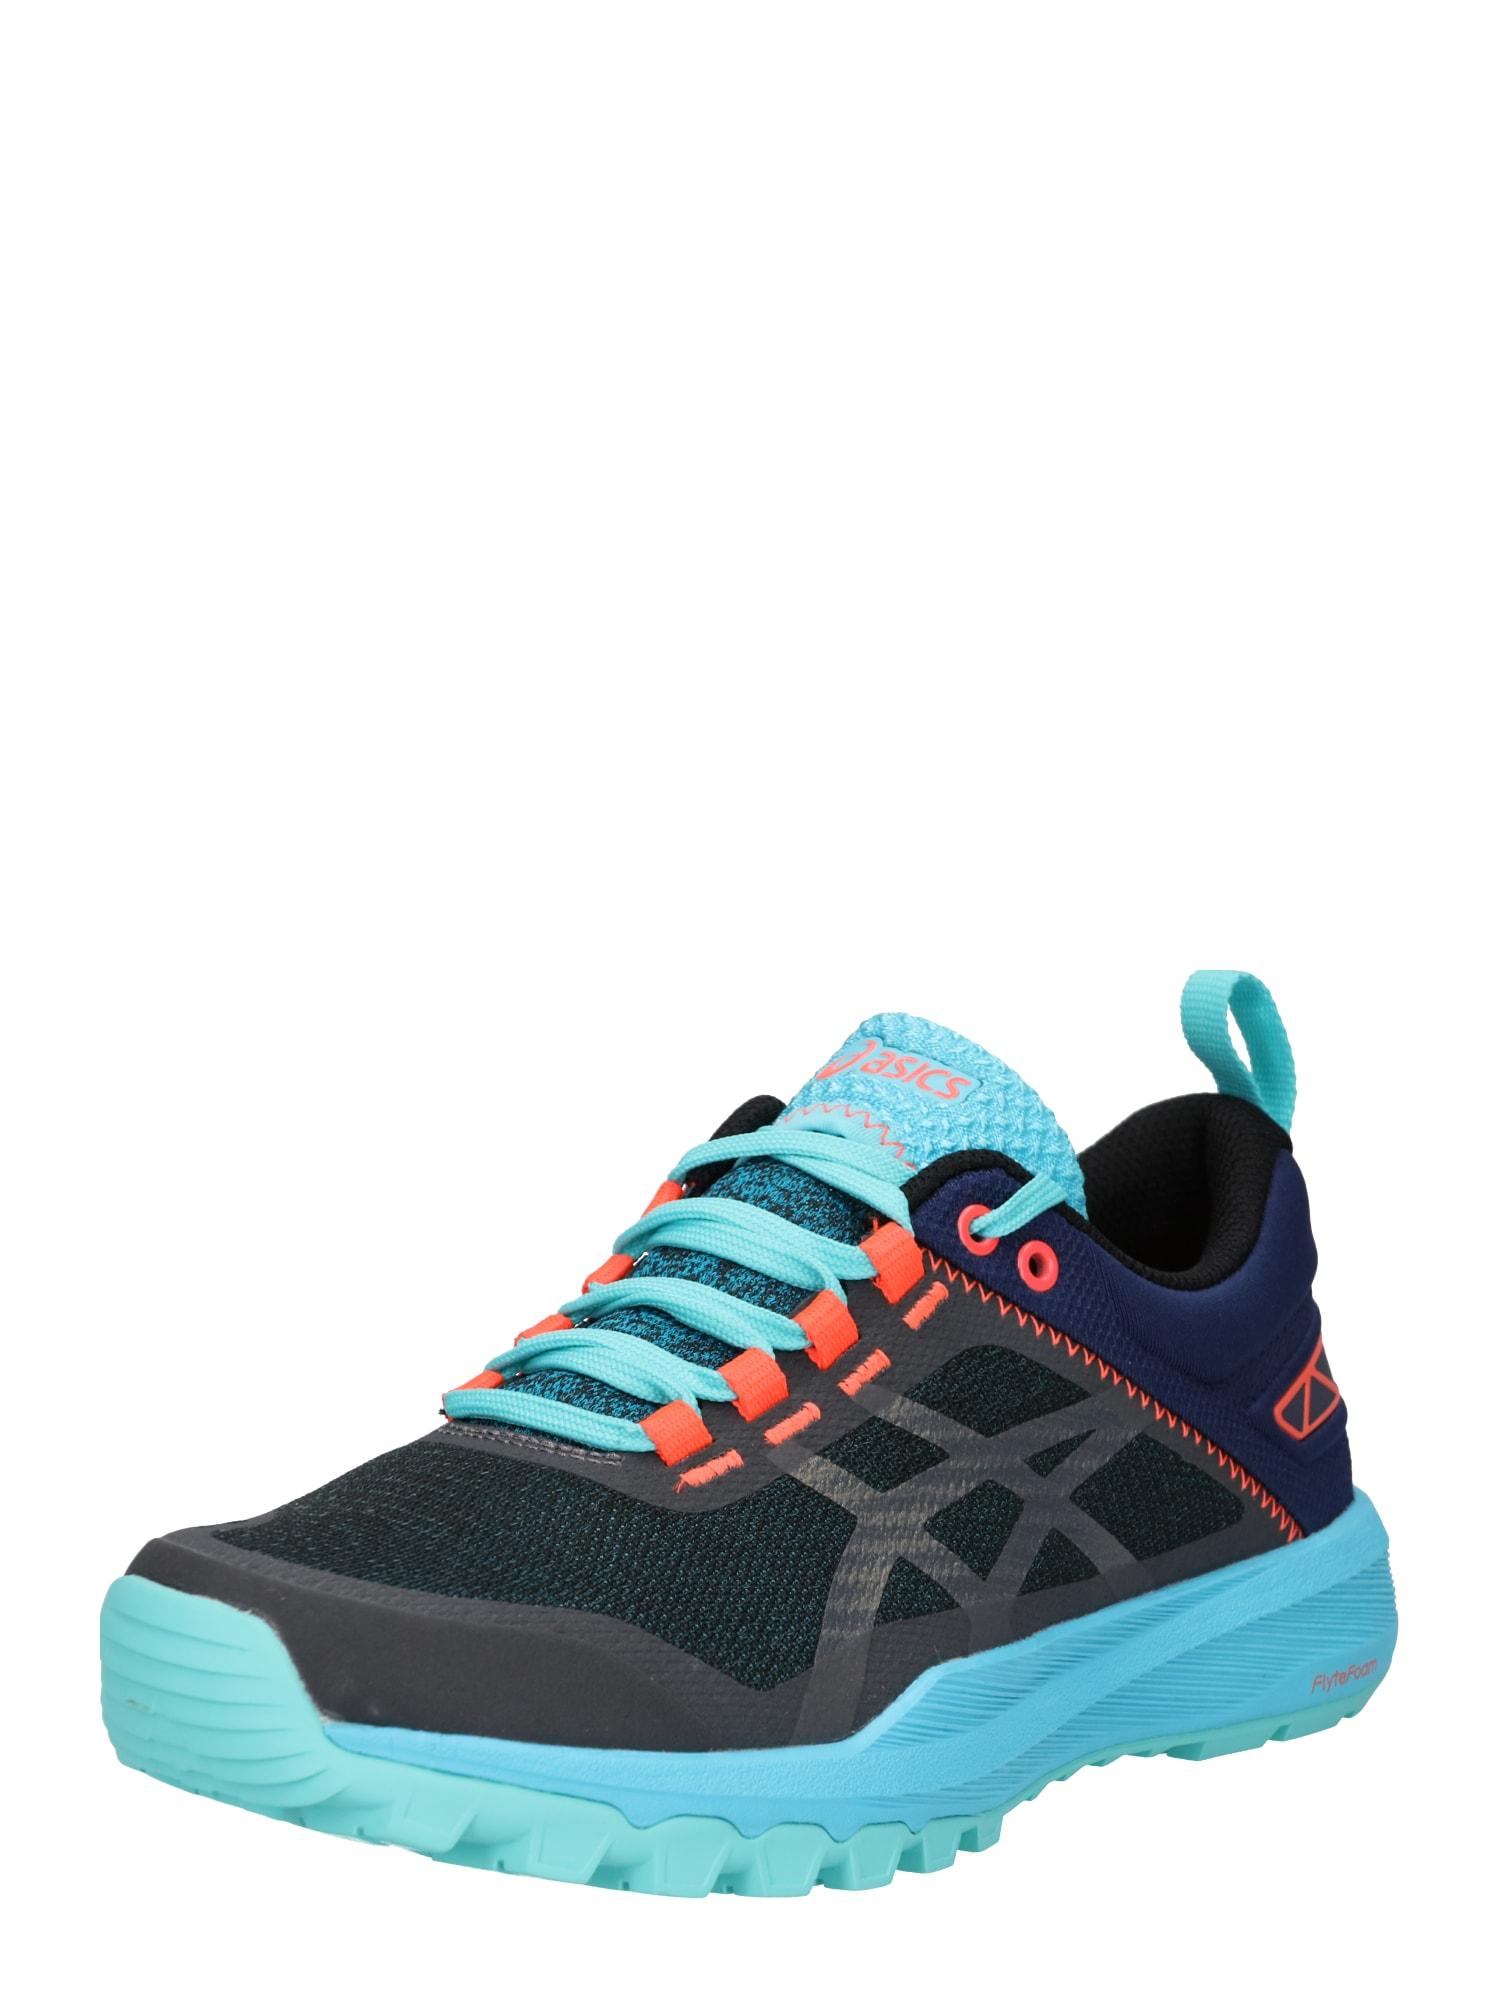 Sportovní boty FUJILYTE XT aqua modrá tmavě modrá oranžová ASICS